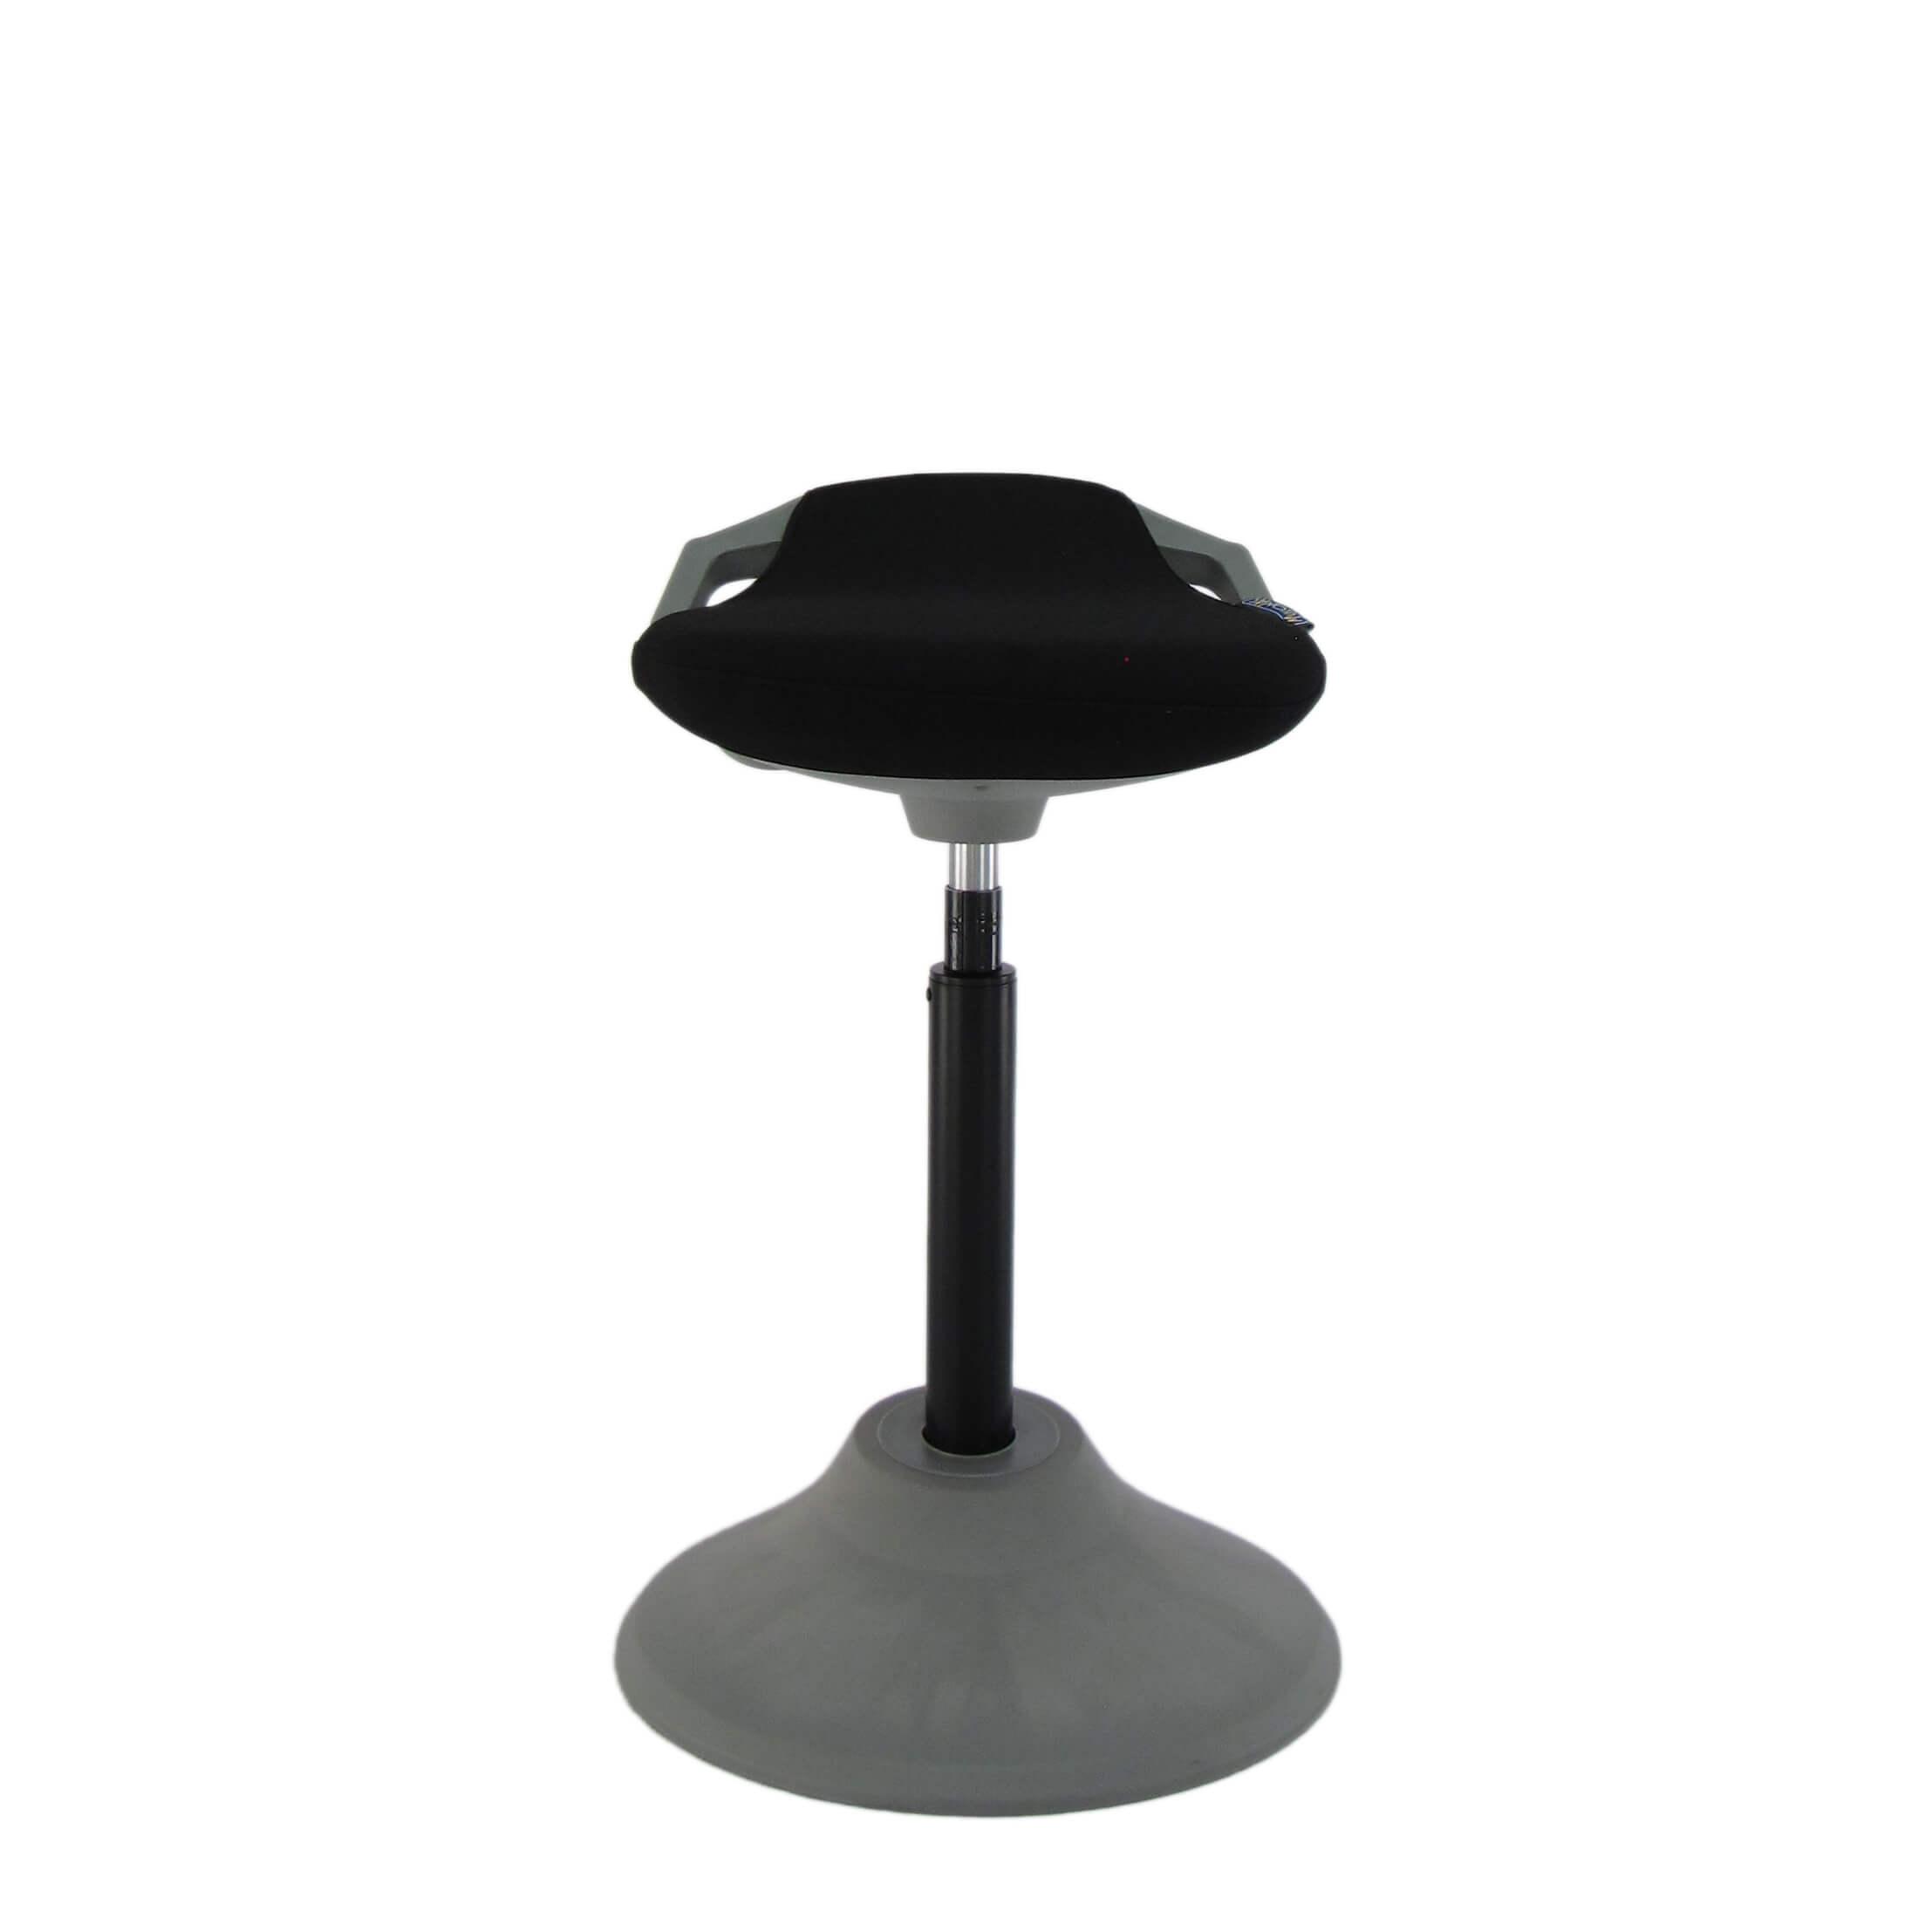 Balansinė kėdė Flexiwork turinti visas ergonomines savybes.